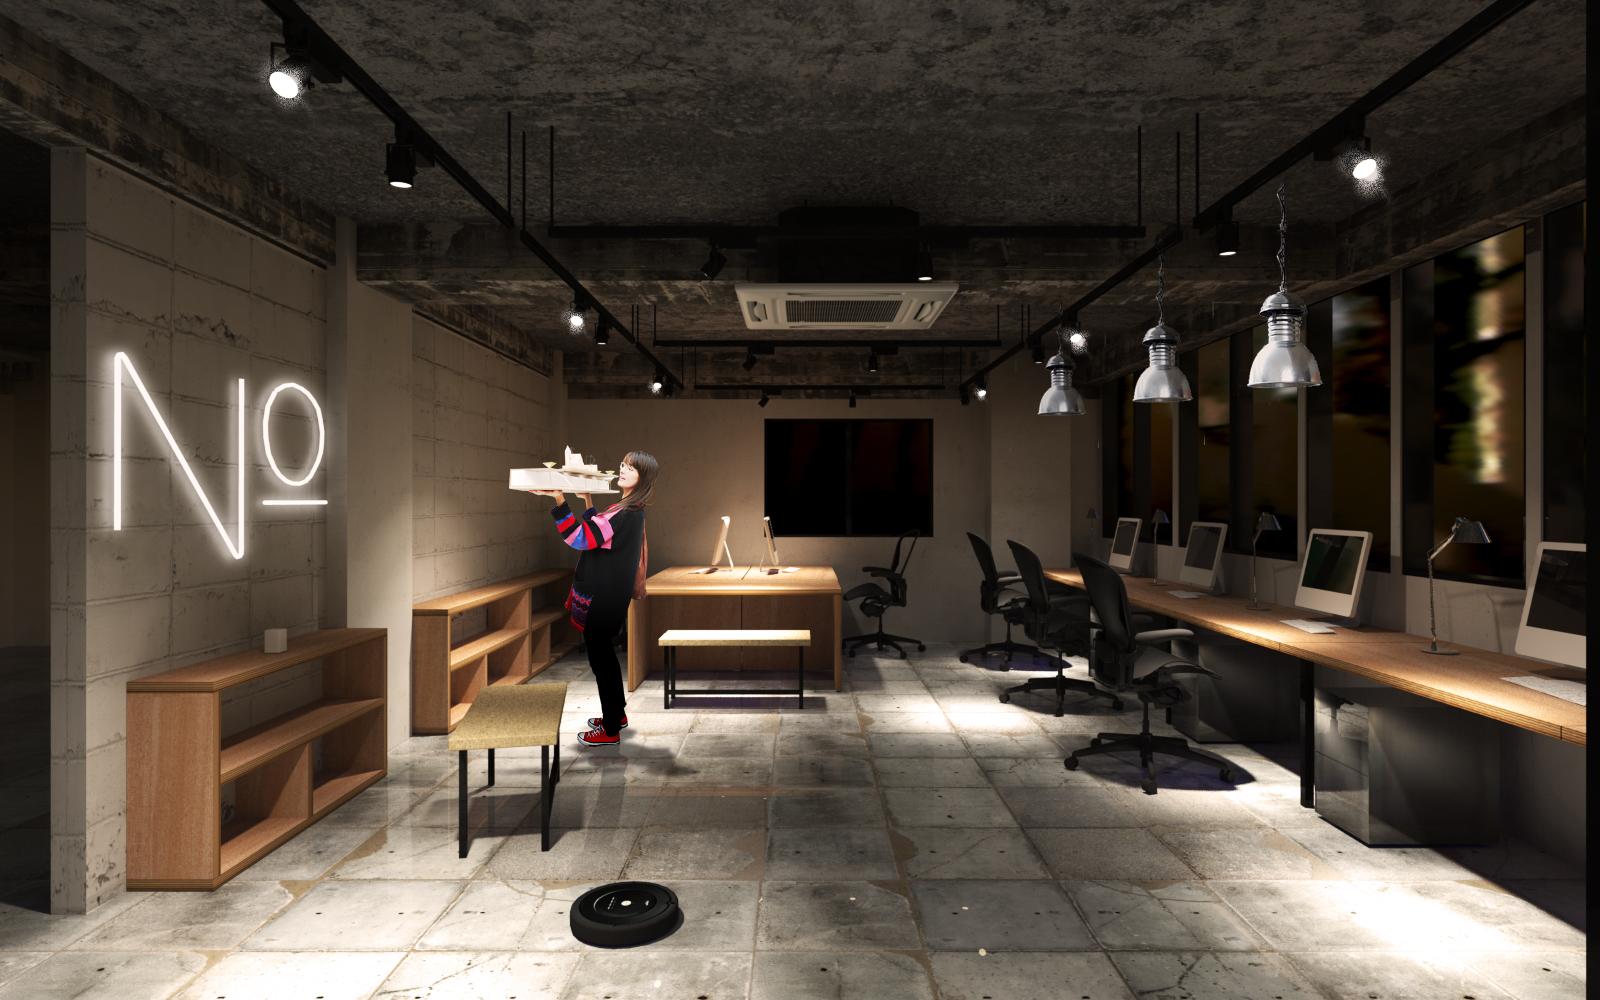 Interior Design For No Inc.